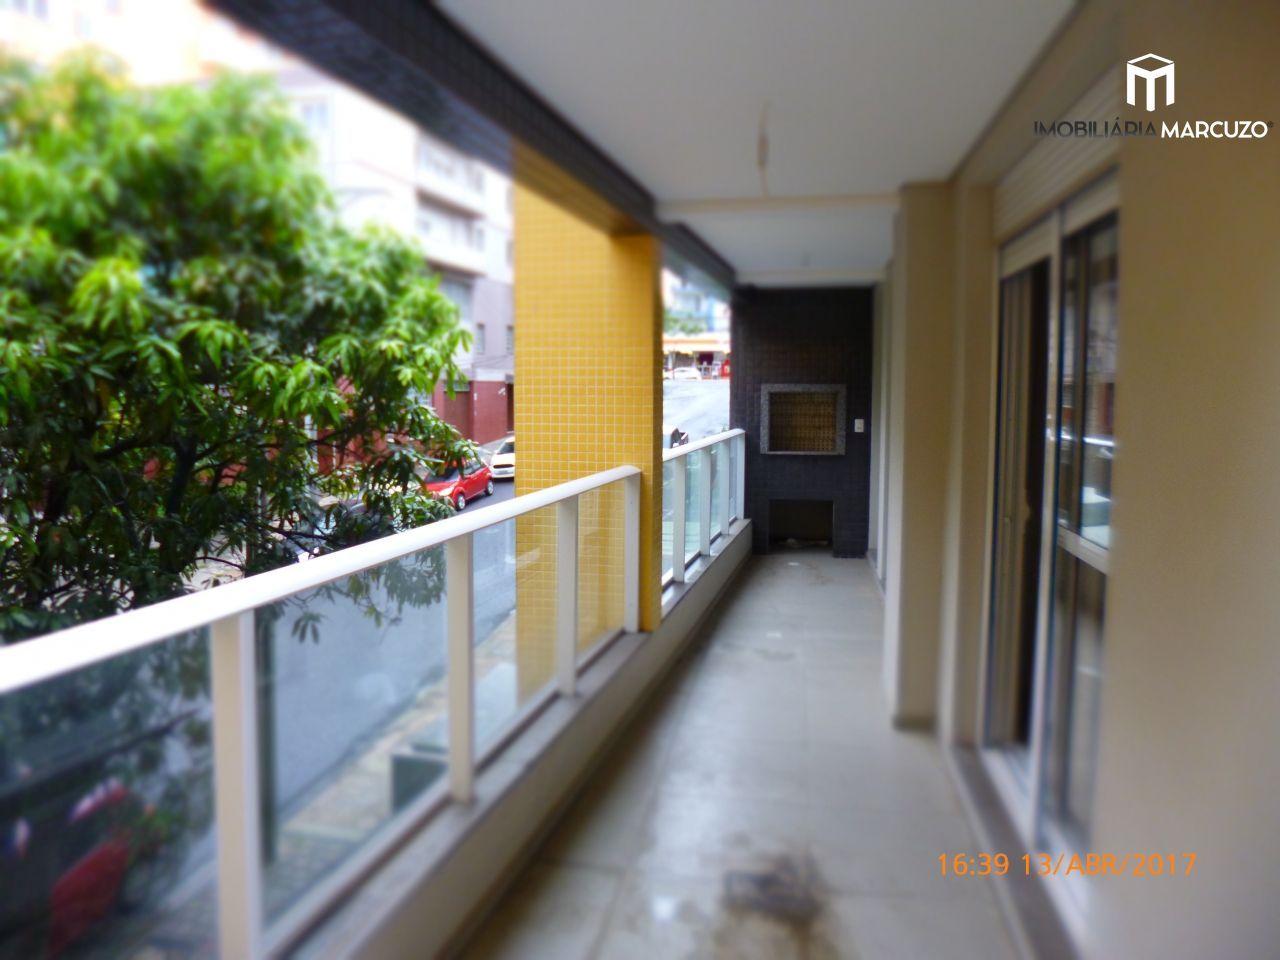 Apartamento com 3 Dormitórios à venda, 130 m² por R$ 470.000,00